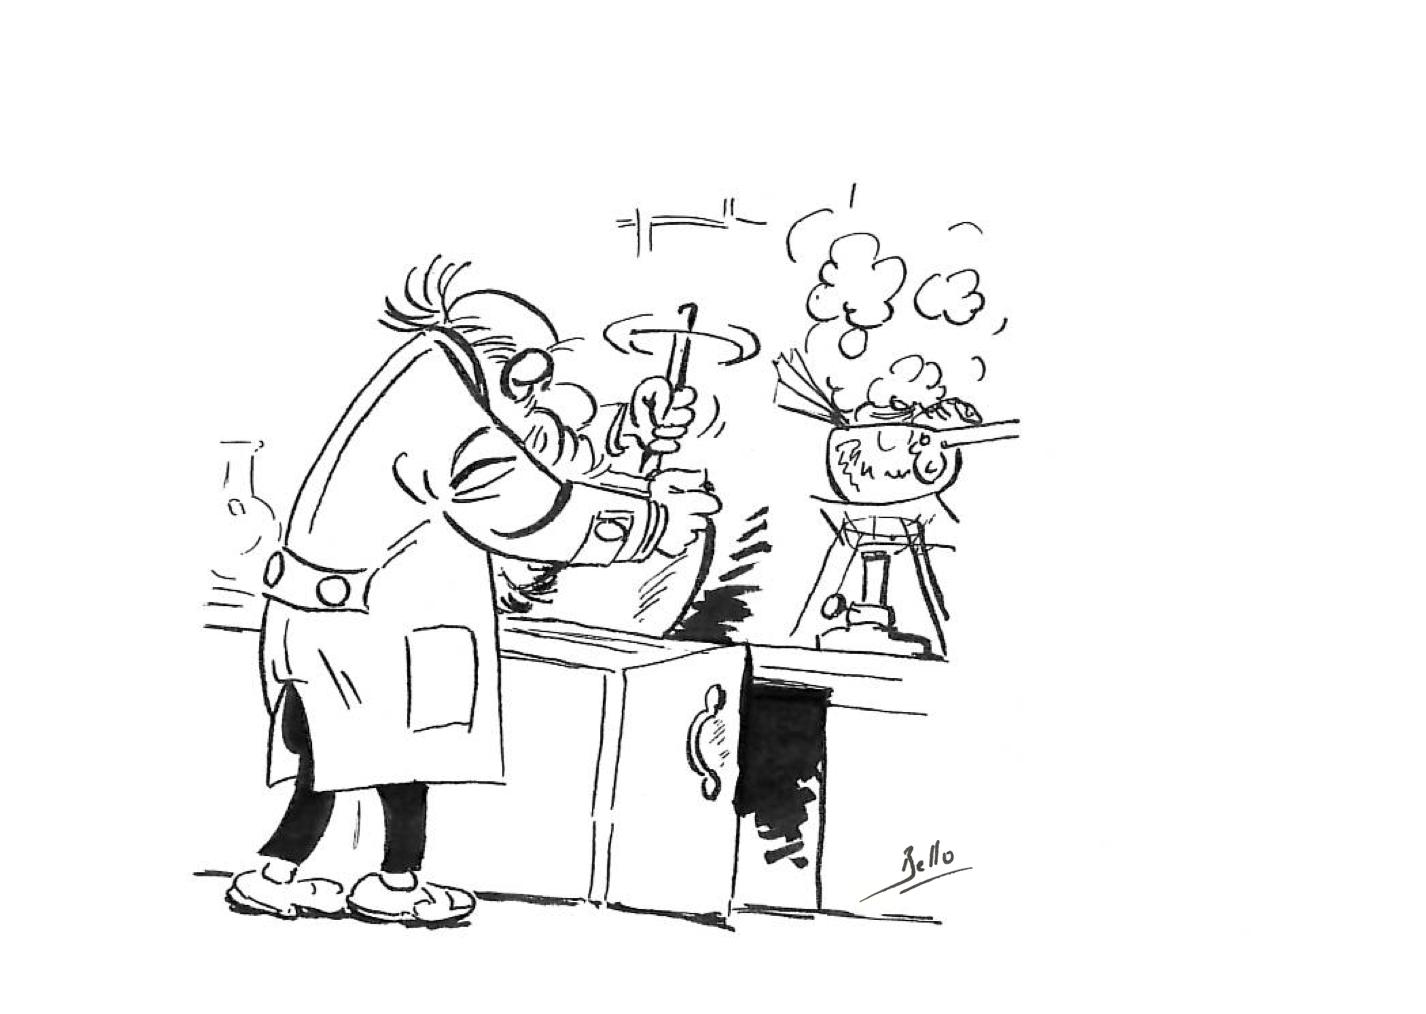 Pr. Plantefolle prépare la bouillie bordelaise - Roses Guillot®